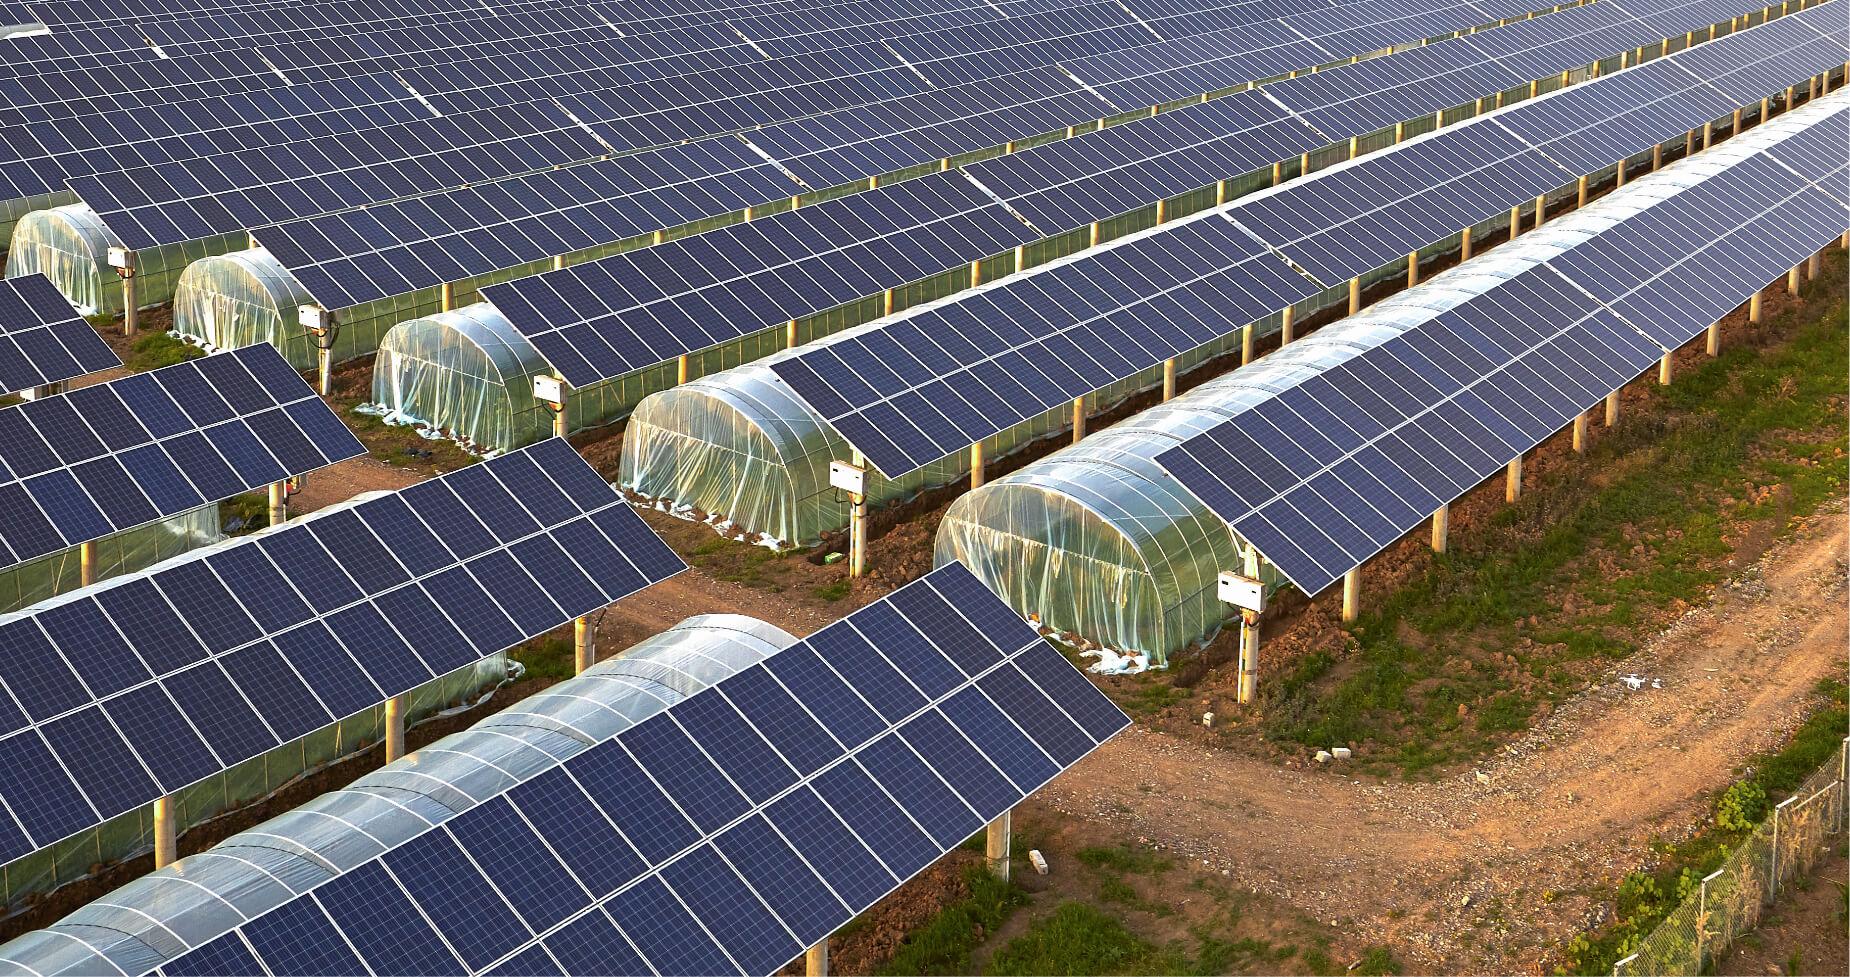 Instalación de placas solares fotovoltaicas junto con invernaderos para agricultura..